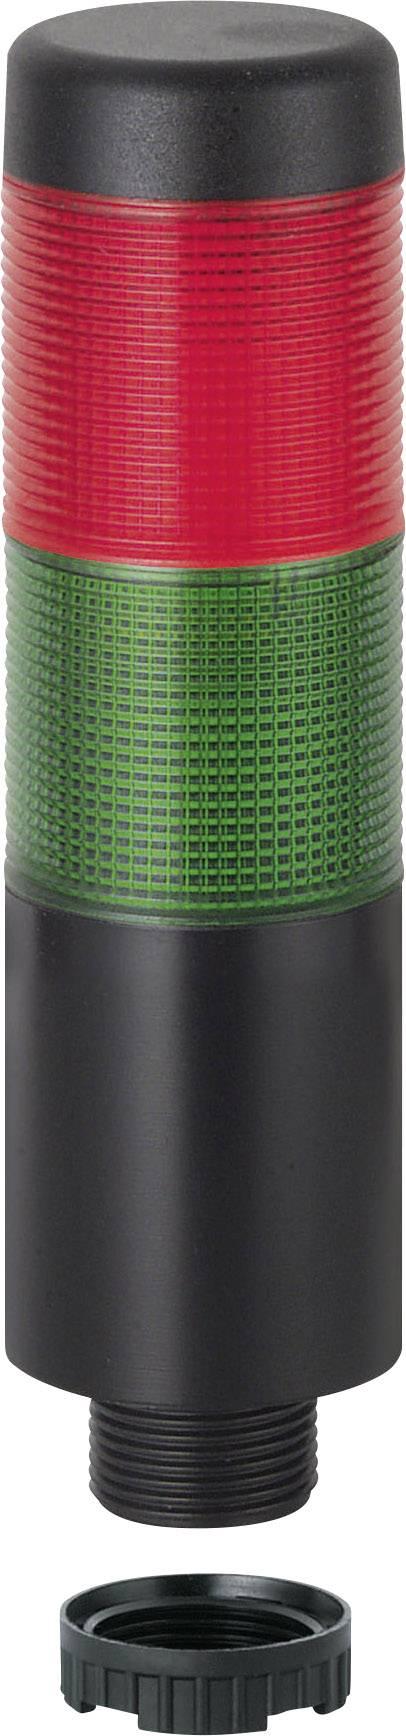 Signální sloupek LED Werma Signaltechnik WERMA KombiSign 71, zelená, červená, trvalé světlo, 24 V/AC, 24 V/DC